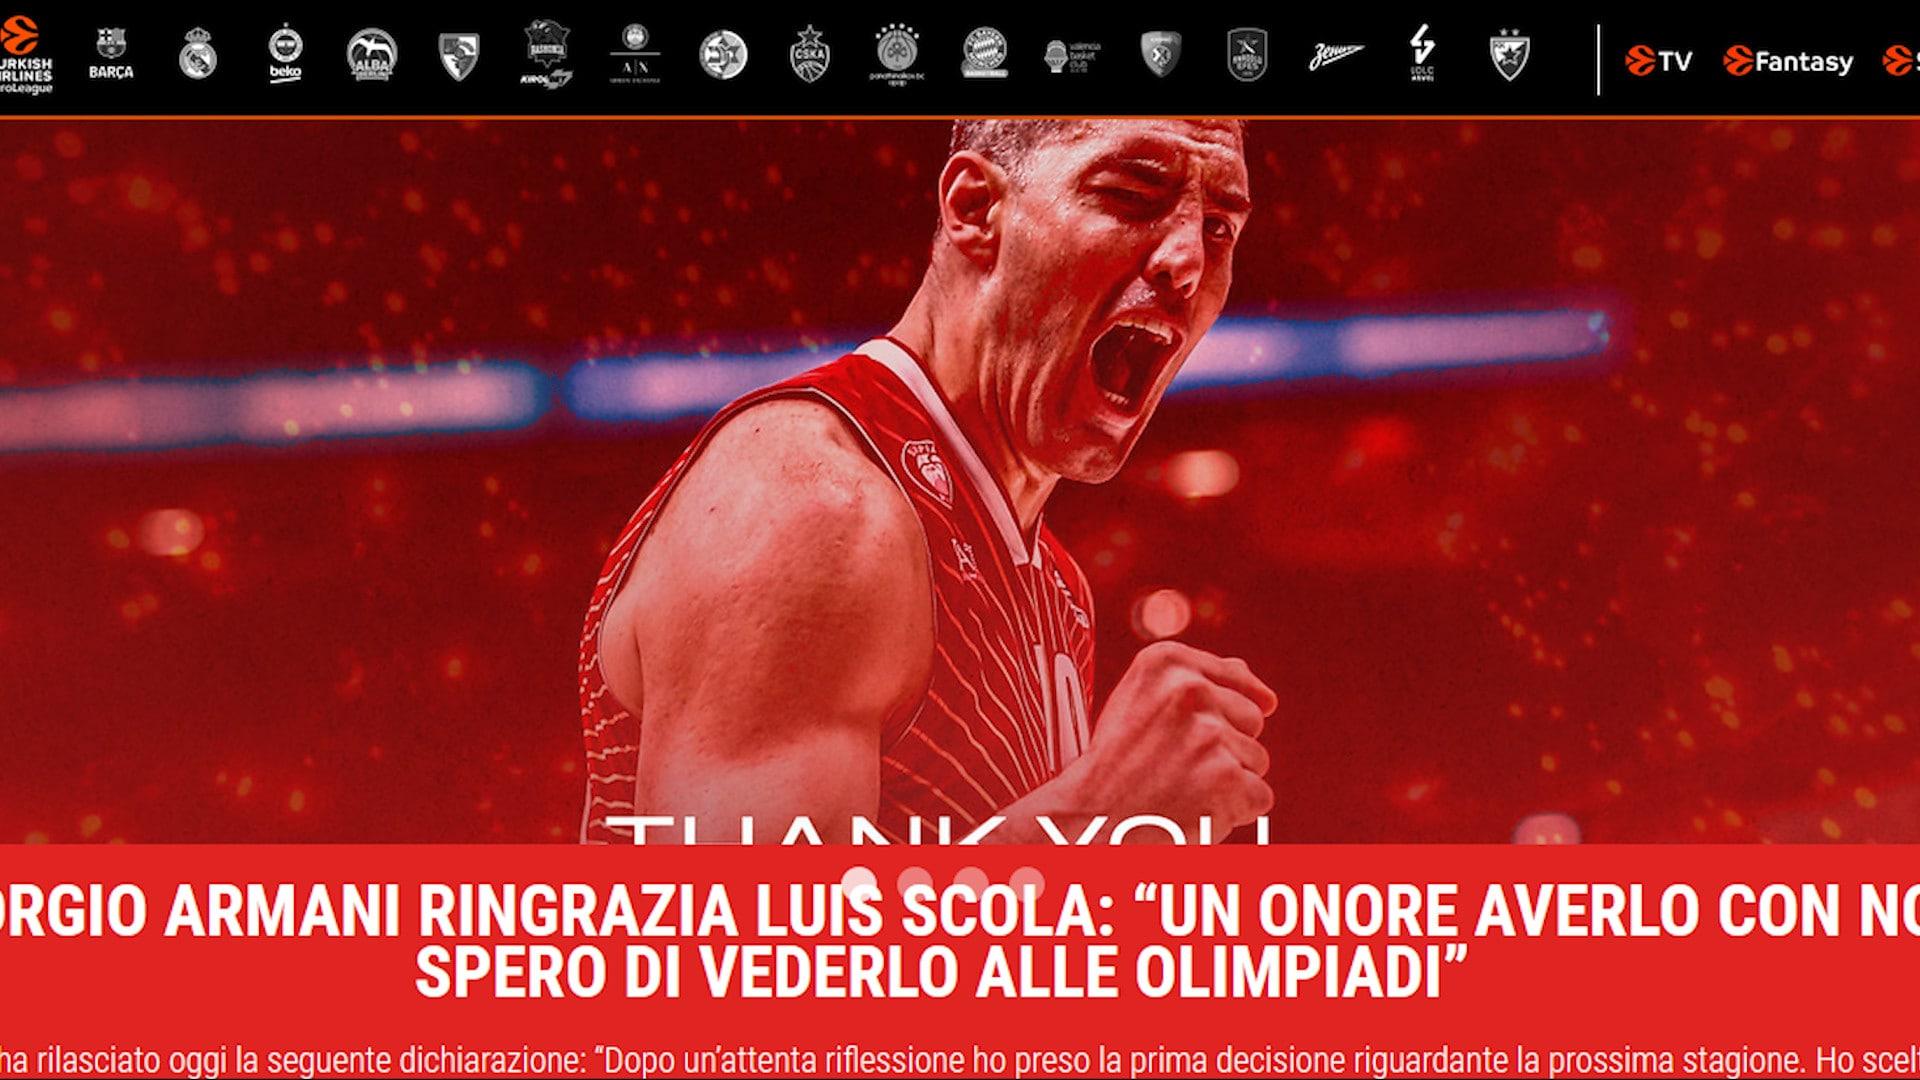 Ufficiale: Luis Scola lascia l'Olimpia Milano